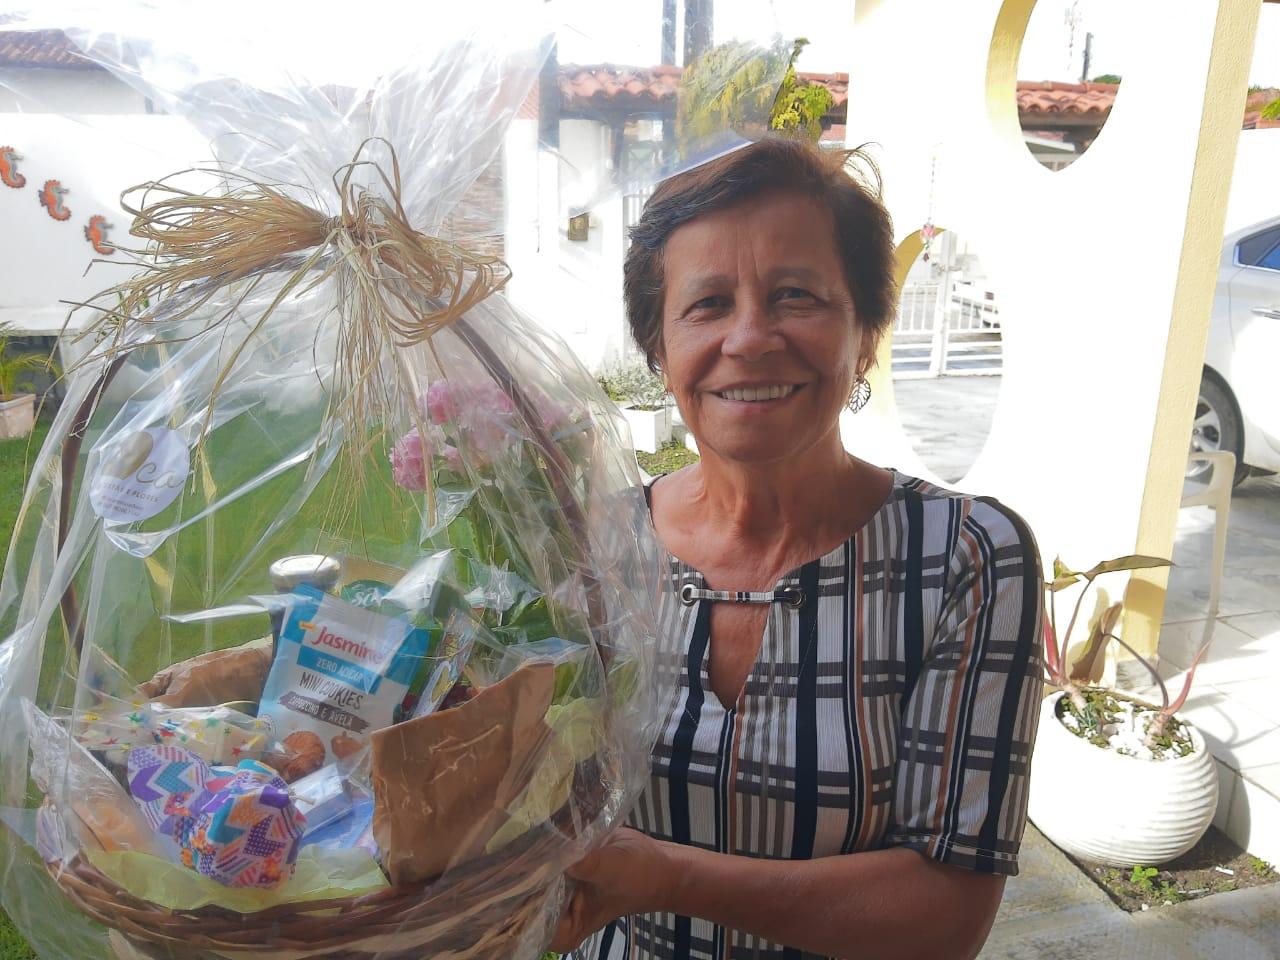 43 anos de trabalho: CRCAL homenageia Selma Araújo, a funcionária mais antiga do Sistema CFC/CRCs